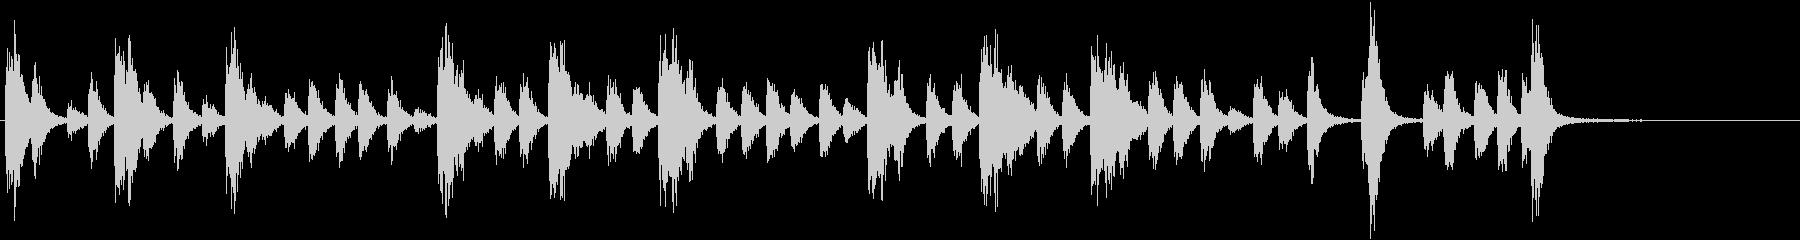 スネアドラム:ミリタリーアクセント...の未再生の波形